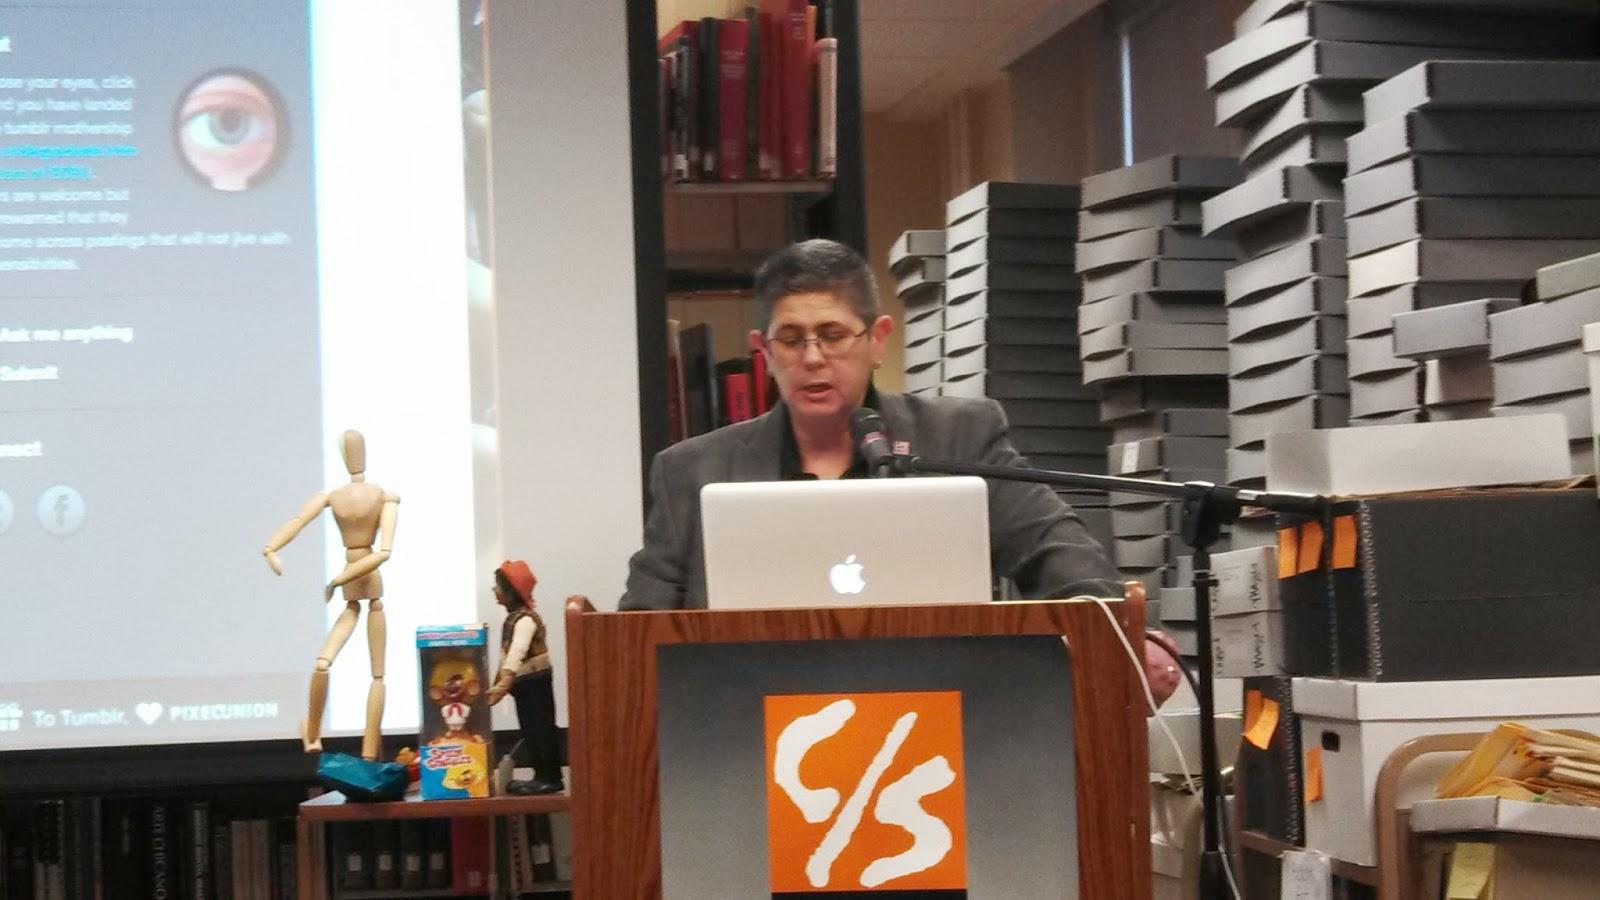 Professor Alicia Gaspar De Alba Giving Introductory Remarks